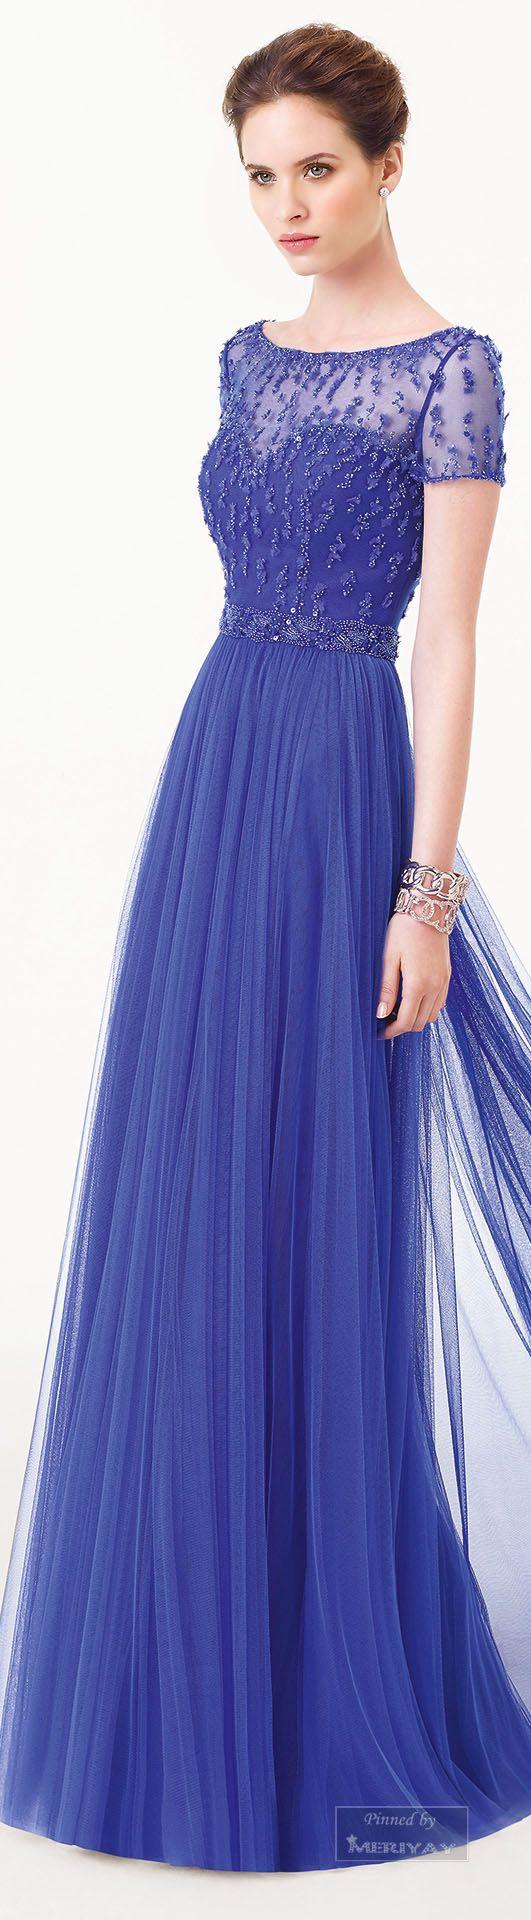 Azul Rey Largo Moda Vestidos De Noche Azules Vestidos